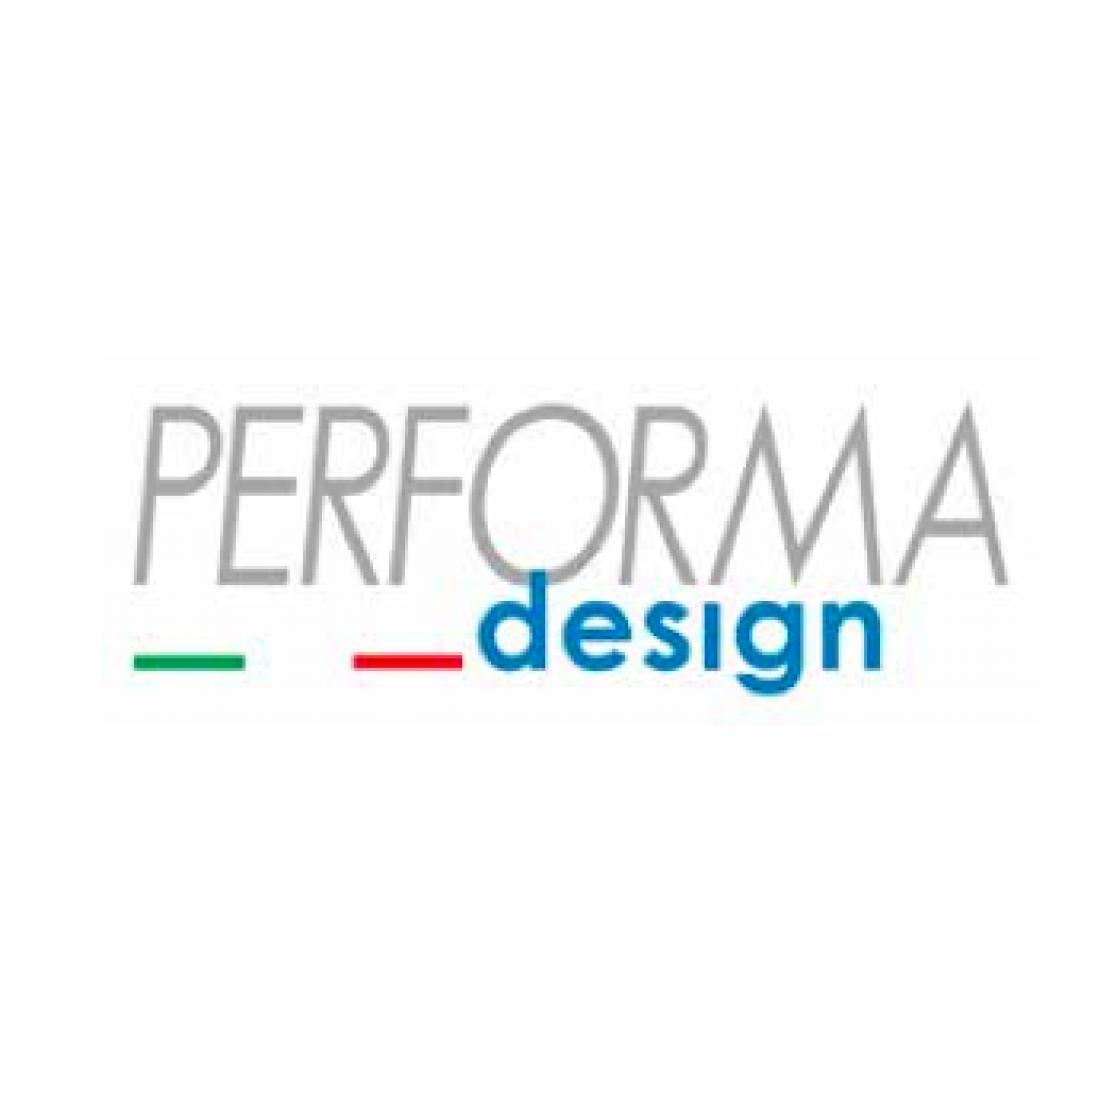 Performa design